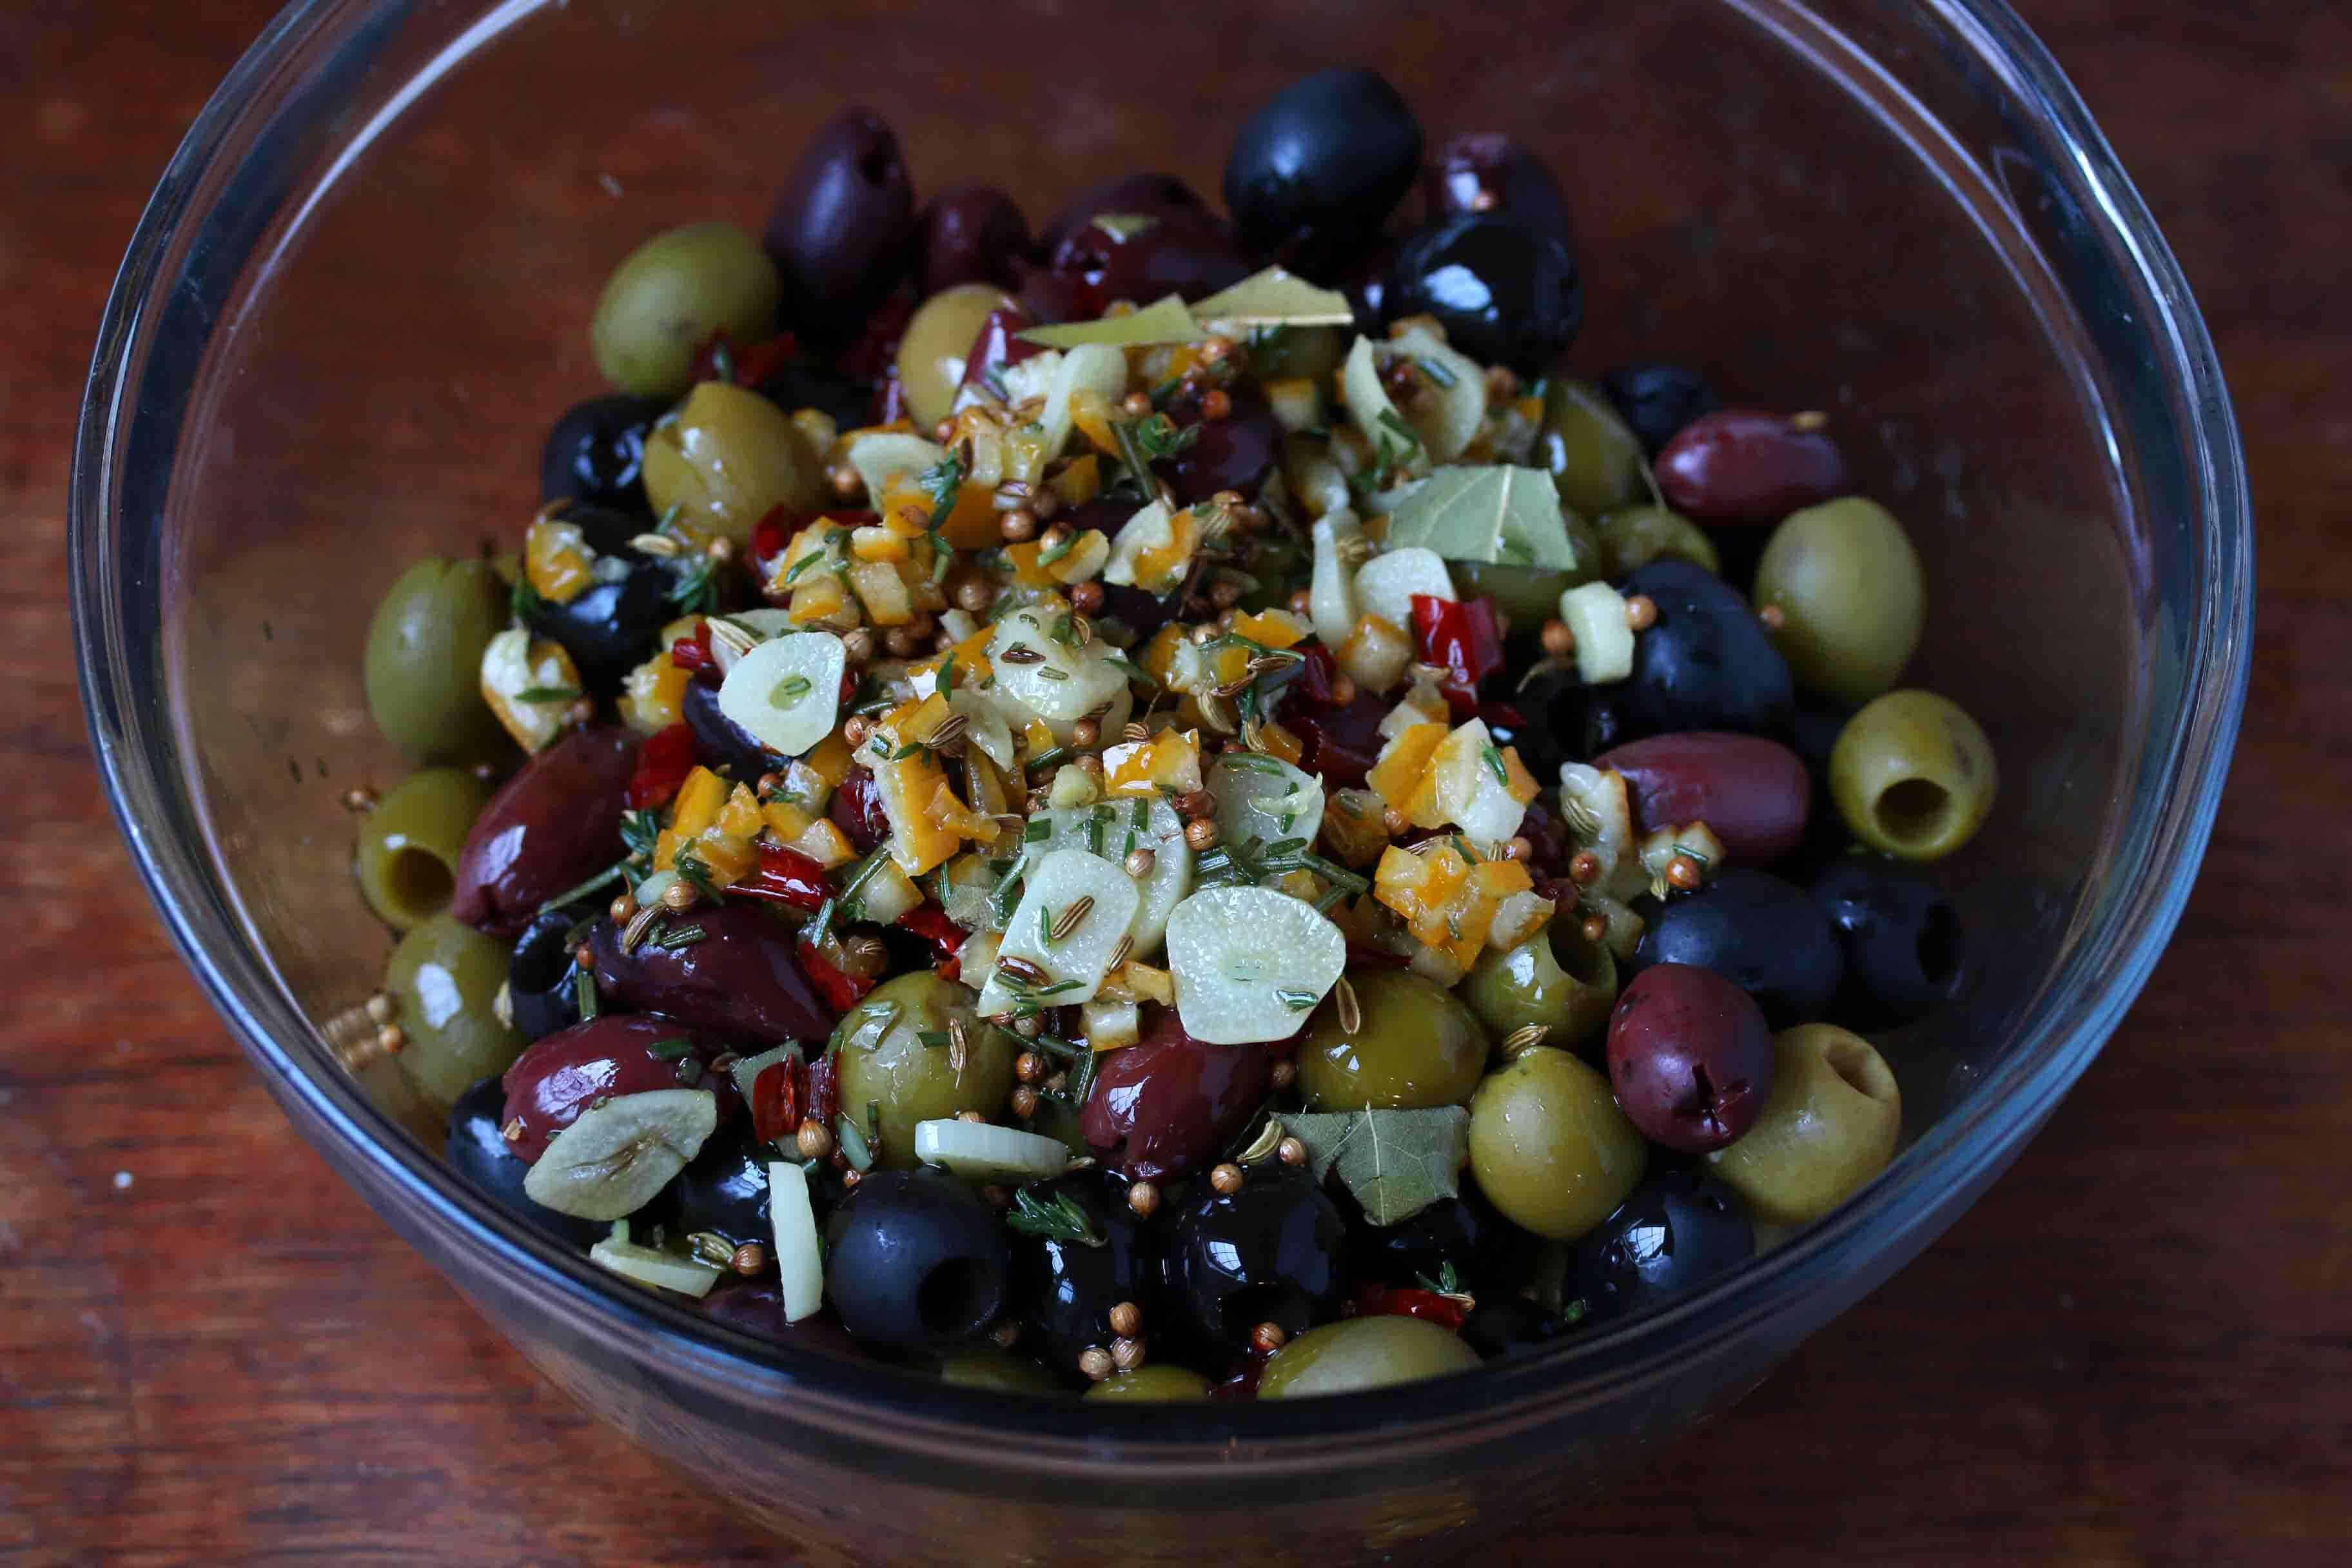 stir marinade and olives together